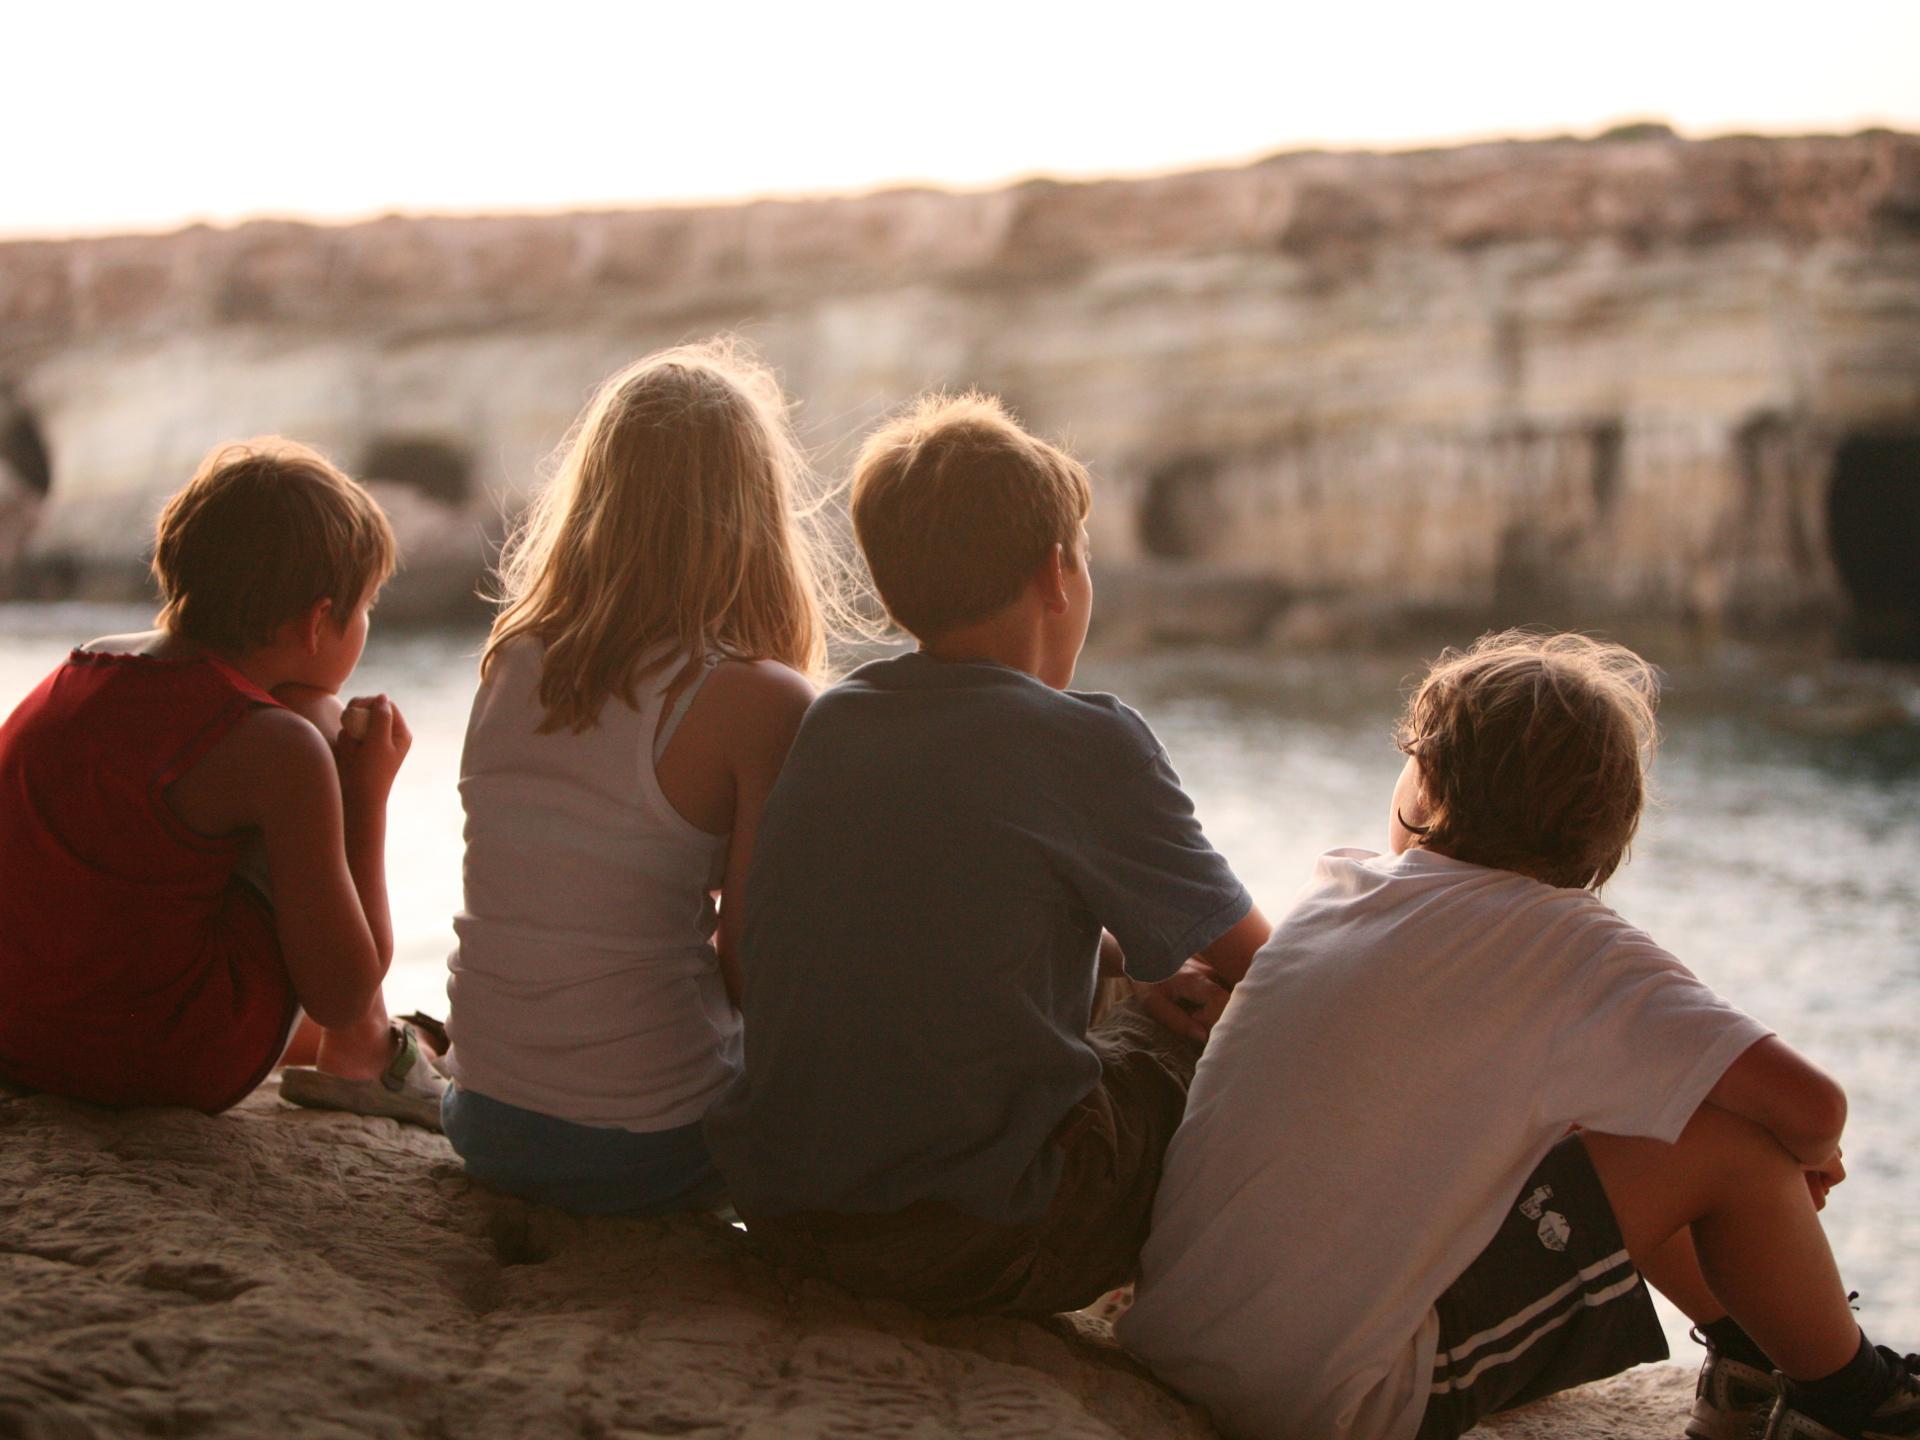 Oft wird der Grundstein für wirklich tiefen Beziehungen bereits in der Kindheit gelegt. - Photocredit: pixabay.com/florentiabuckingham